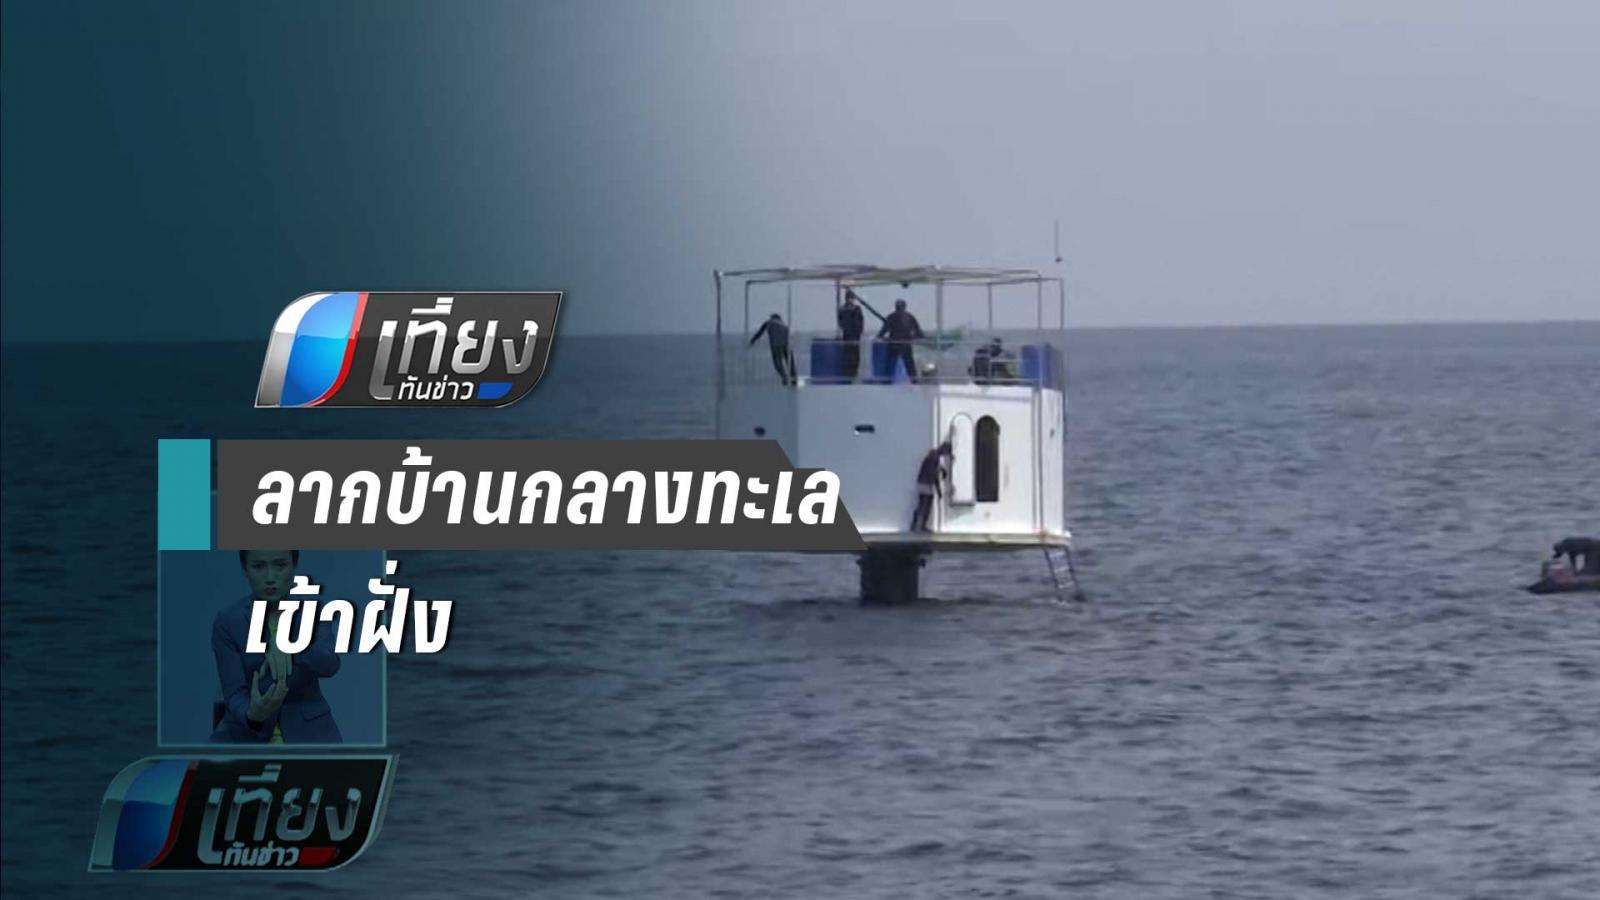 สำเร็จ !! กองทัพเรือ ลากบ้านกลางทะเล เข้าฝั่ง